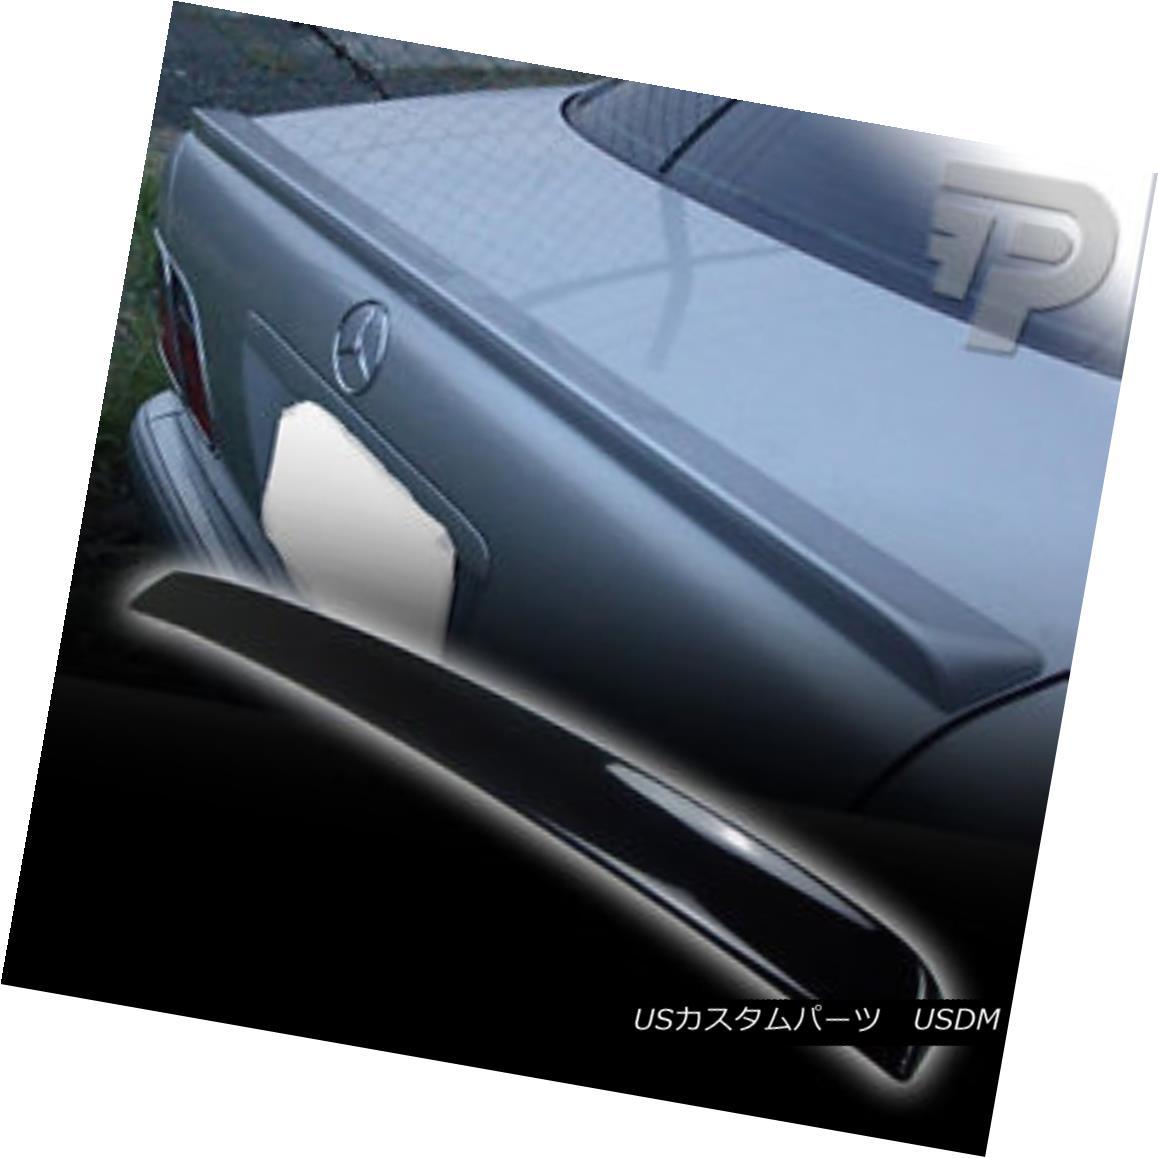 エアロパーツ PAINTED W210 Mercedes BENZ REAR TRUNK SPOILER BOOT SEDAN 040 BLACK ▼ ペイントW210メルセデスベンツリアトランクスポイラーブーツセダン040ブラック?